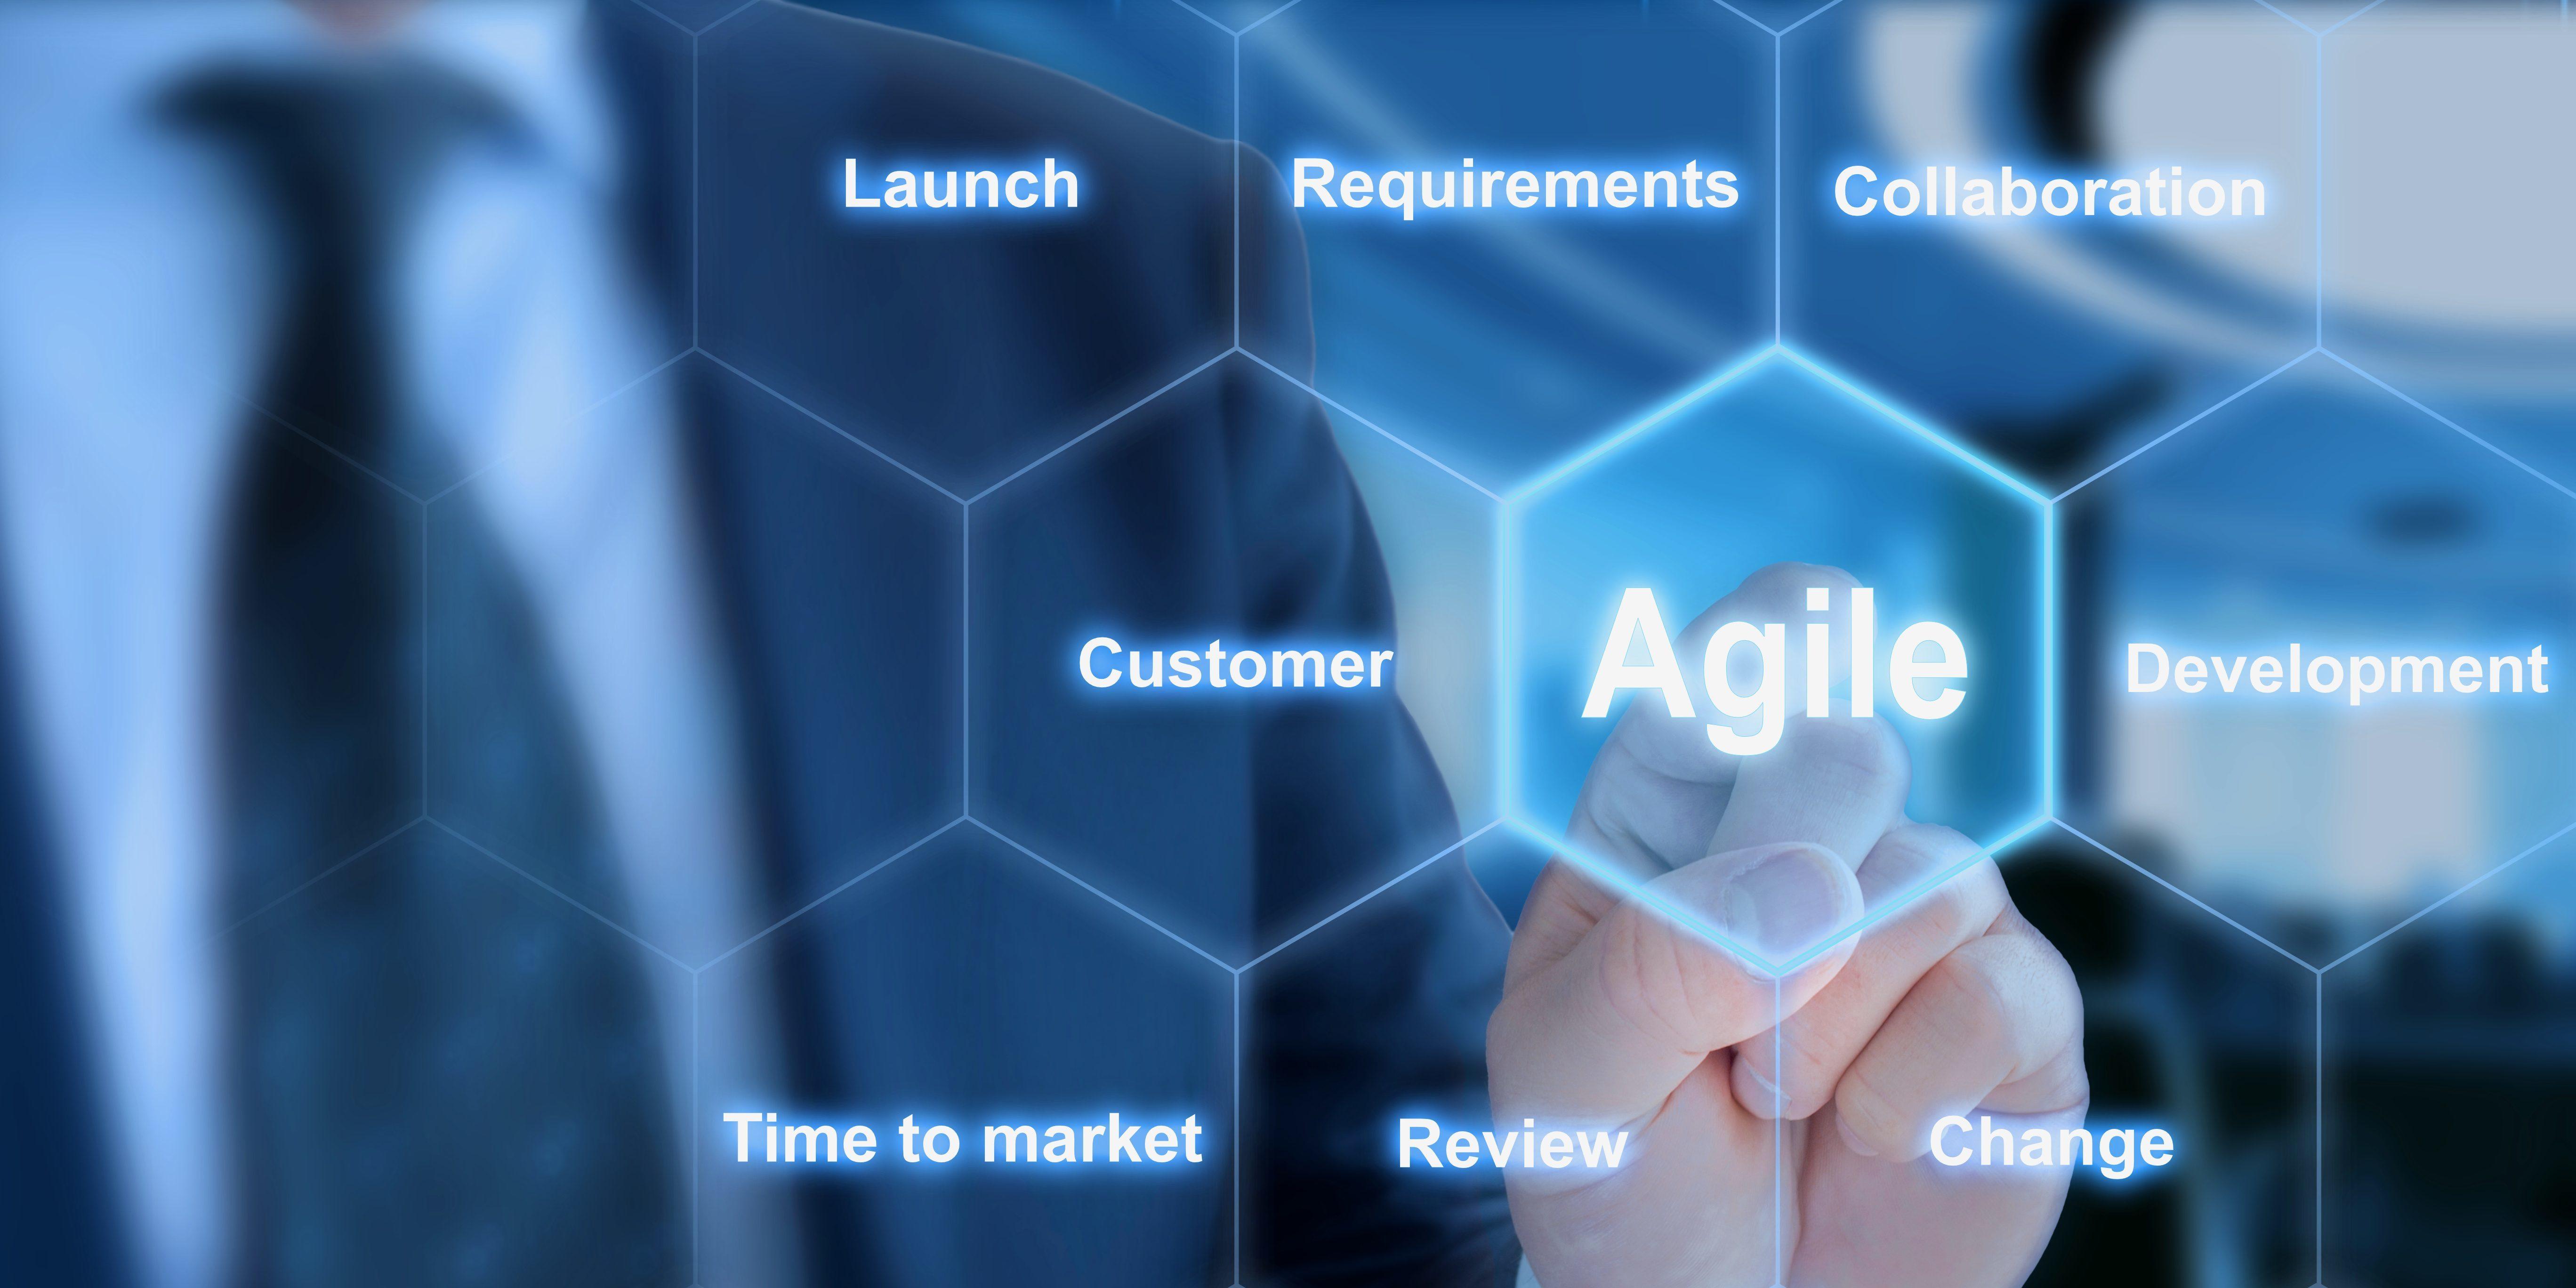 Rapid application development de 6 stappen naar een app 01